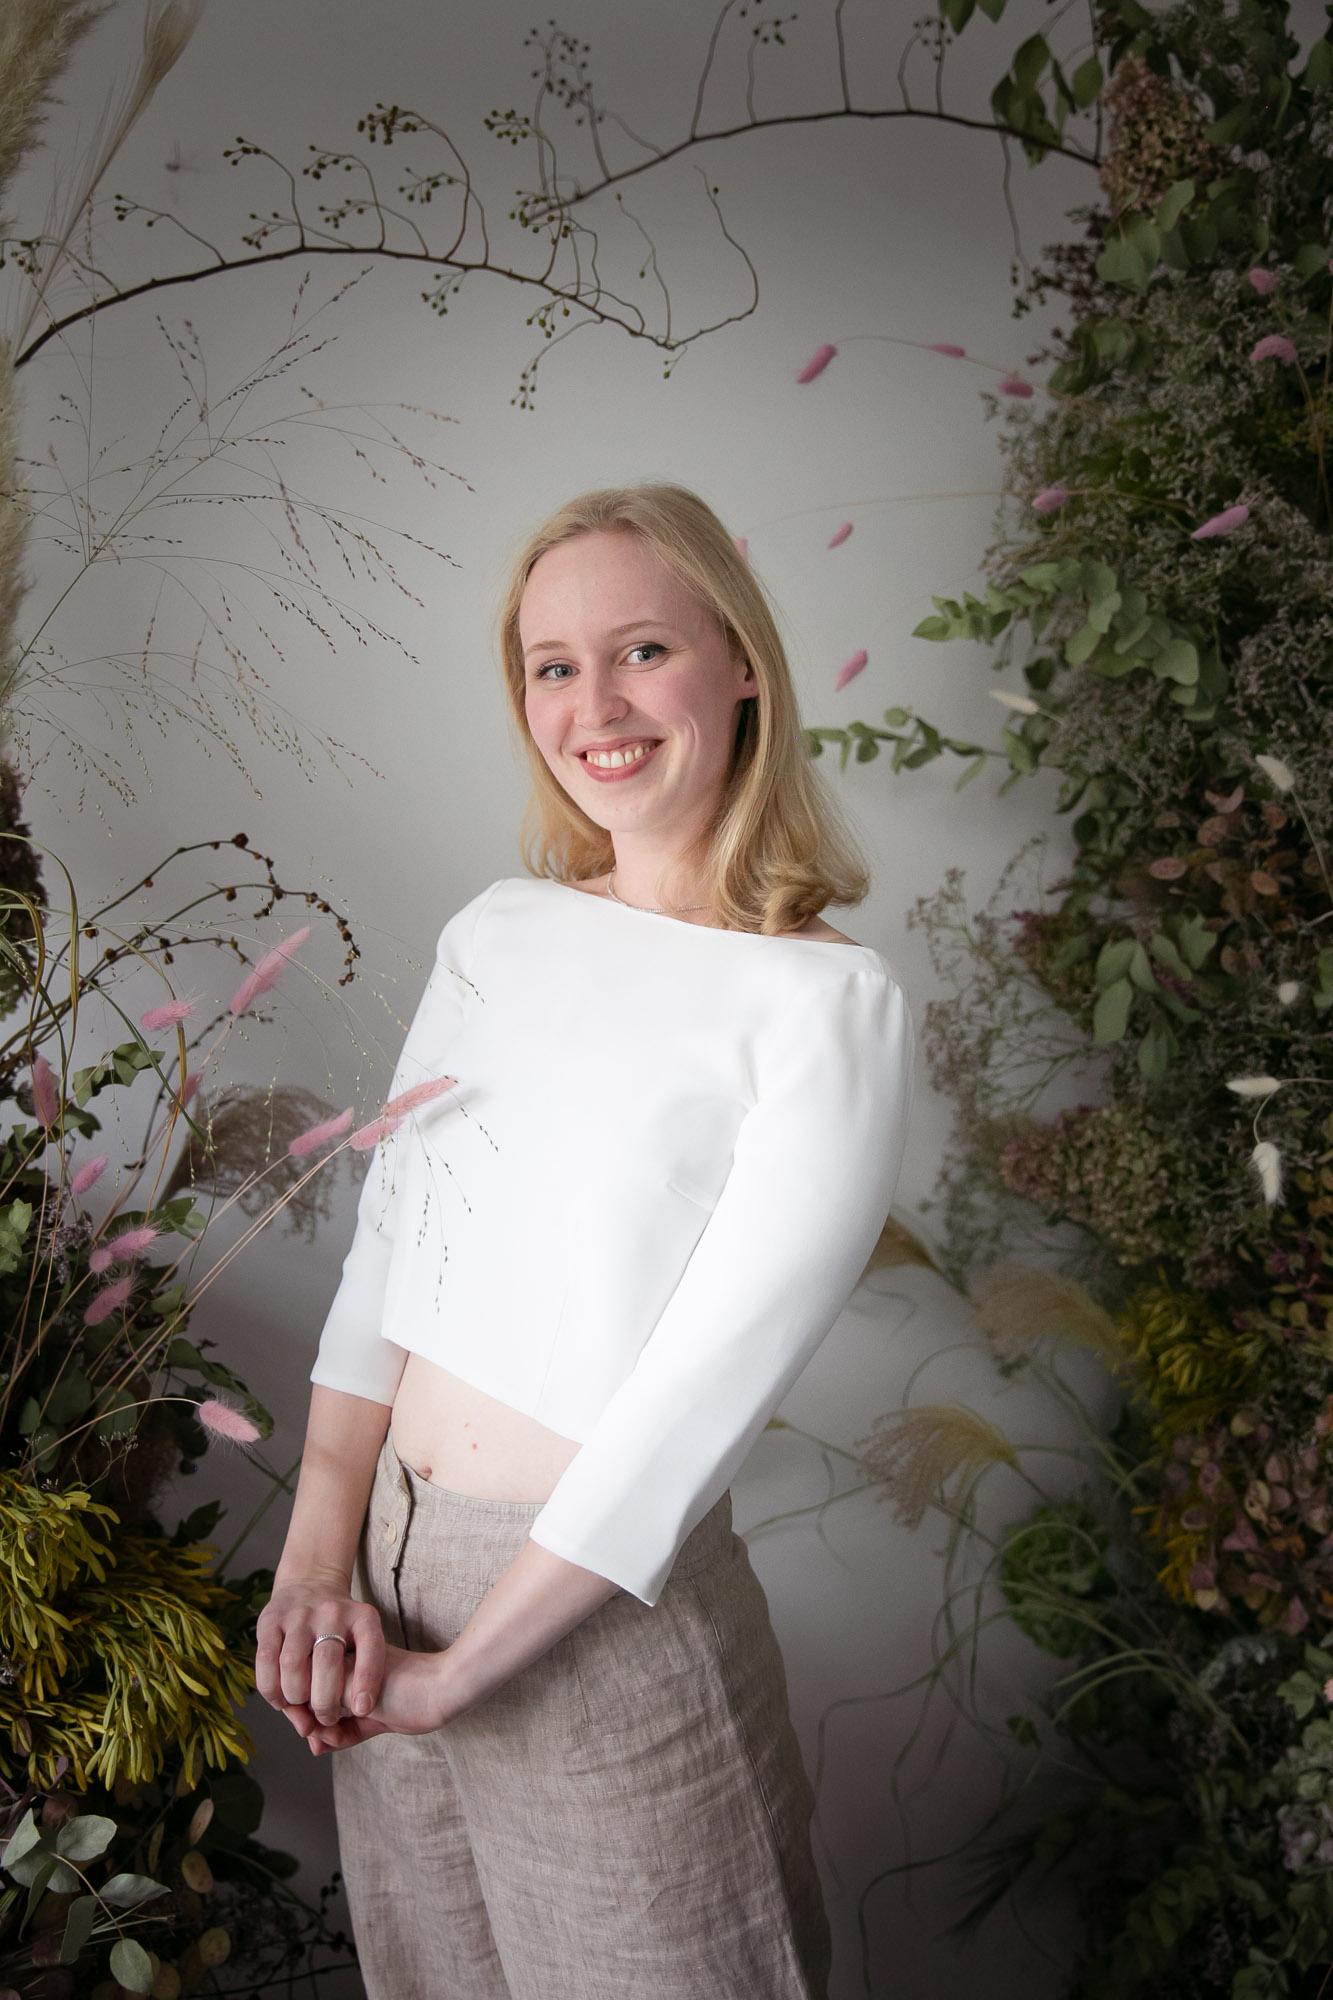 noni Brautkleider, rückenfreies Brauttop Holly in Ivory mit beiger Leinenhose als Style Inspiration im Alltag